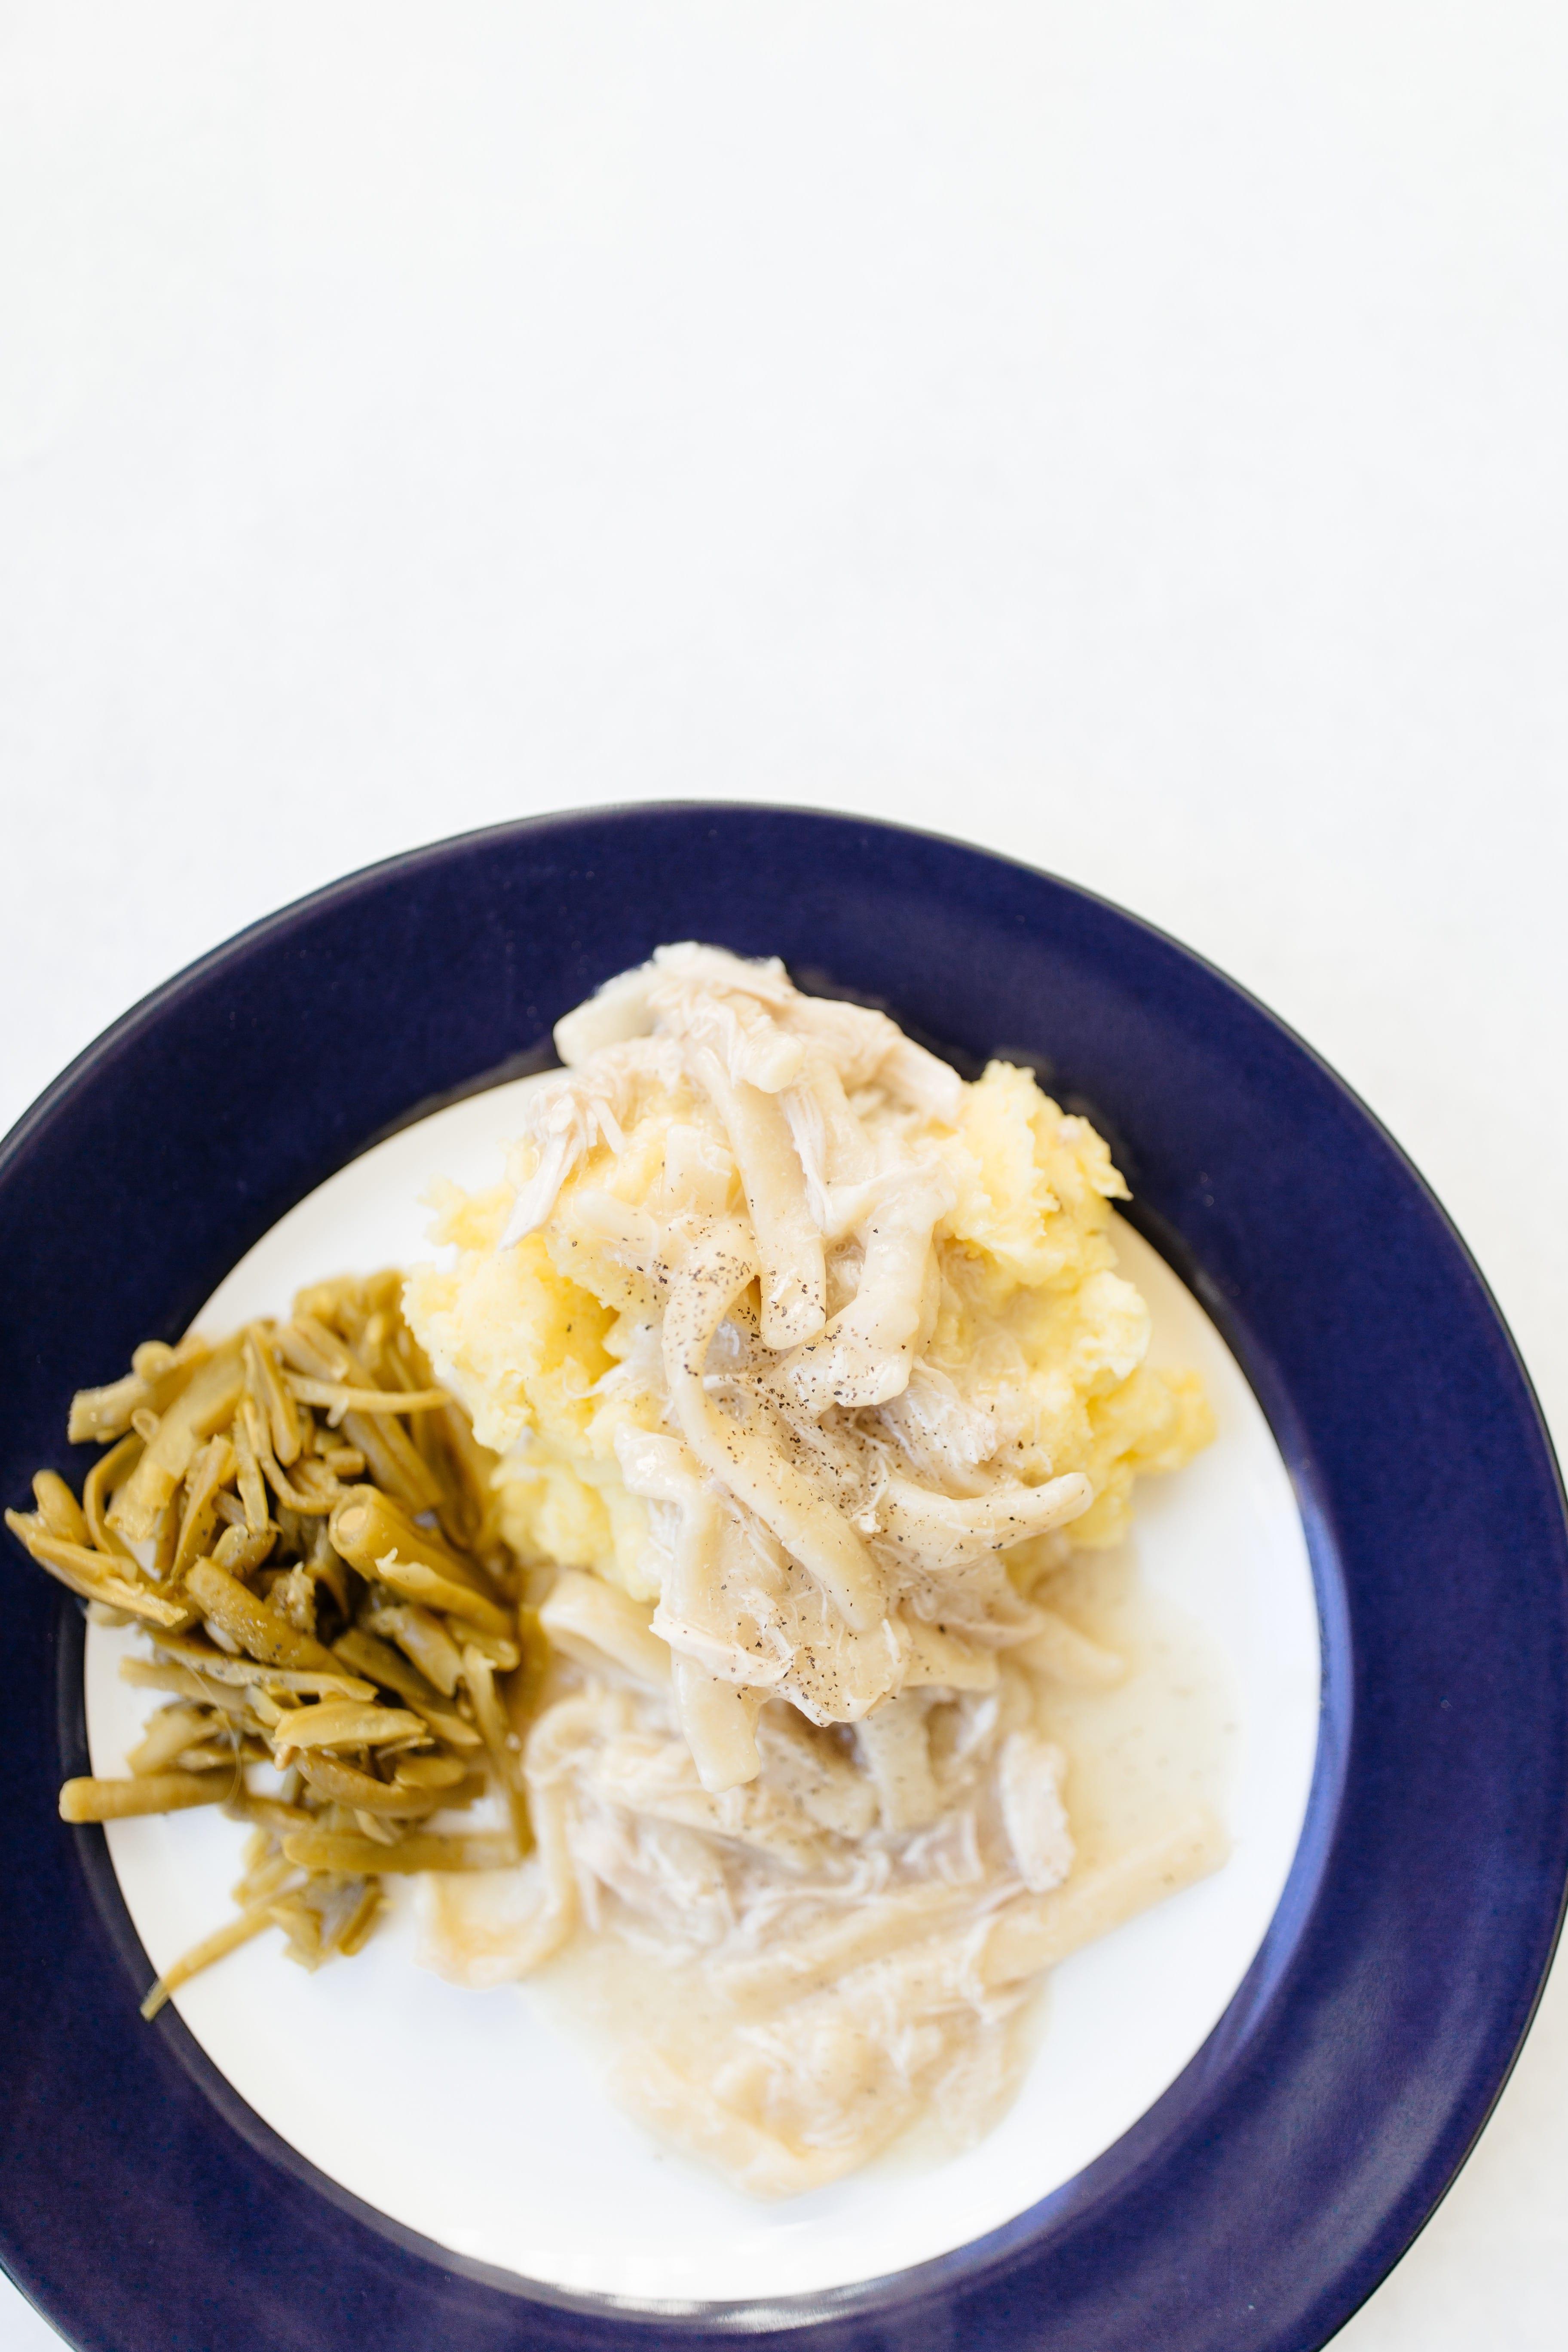 homemade recipes chicken and noodles family recipes mashed potatoes home cooked noodles chicken grandmas recipes